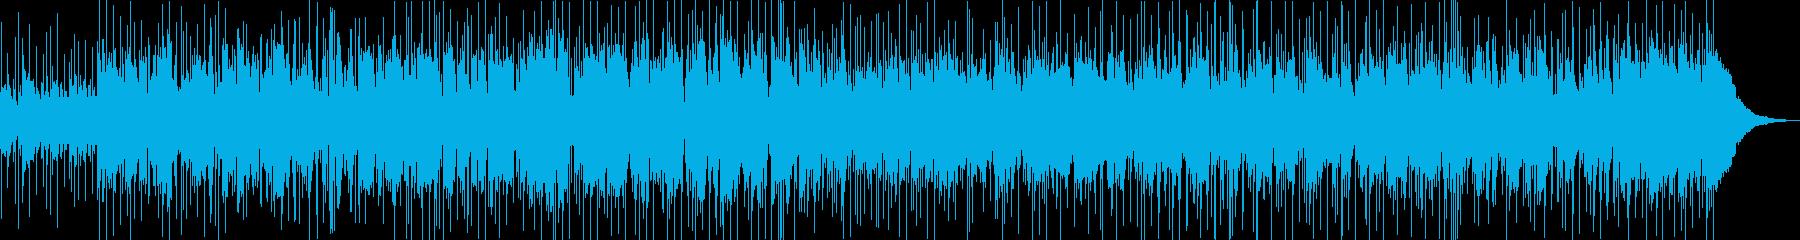 【生演奏】サックスの爽やかスムースジャズの再生済みの波形